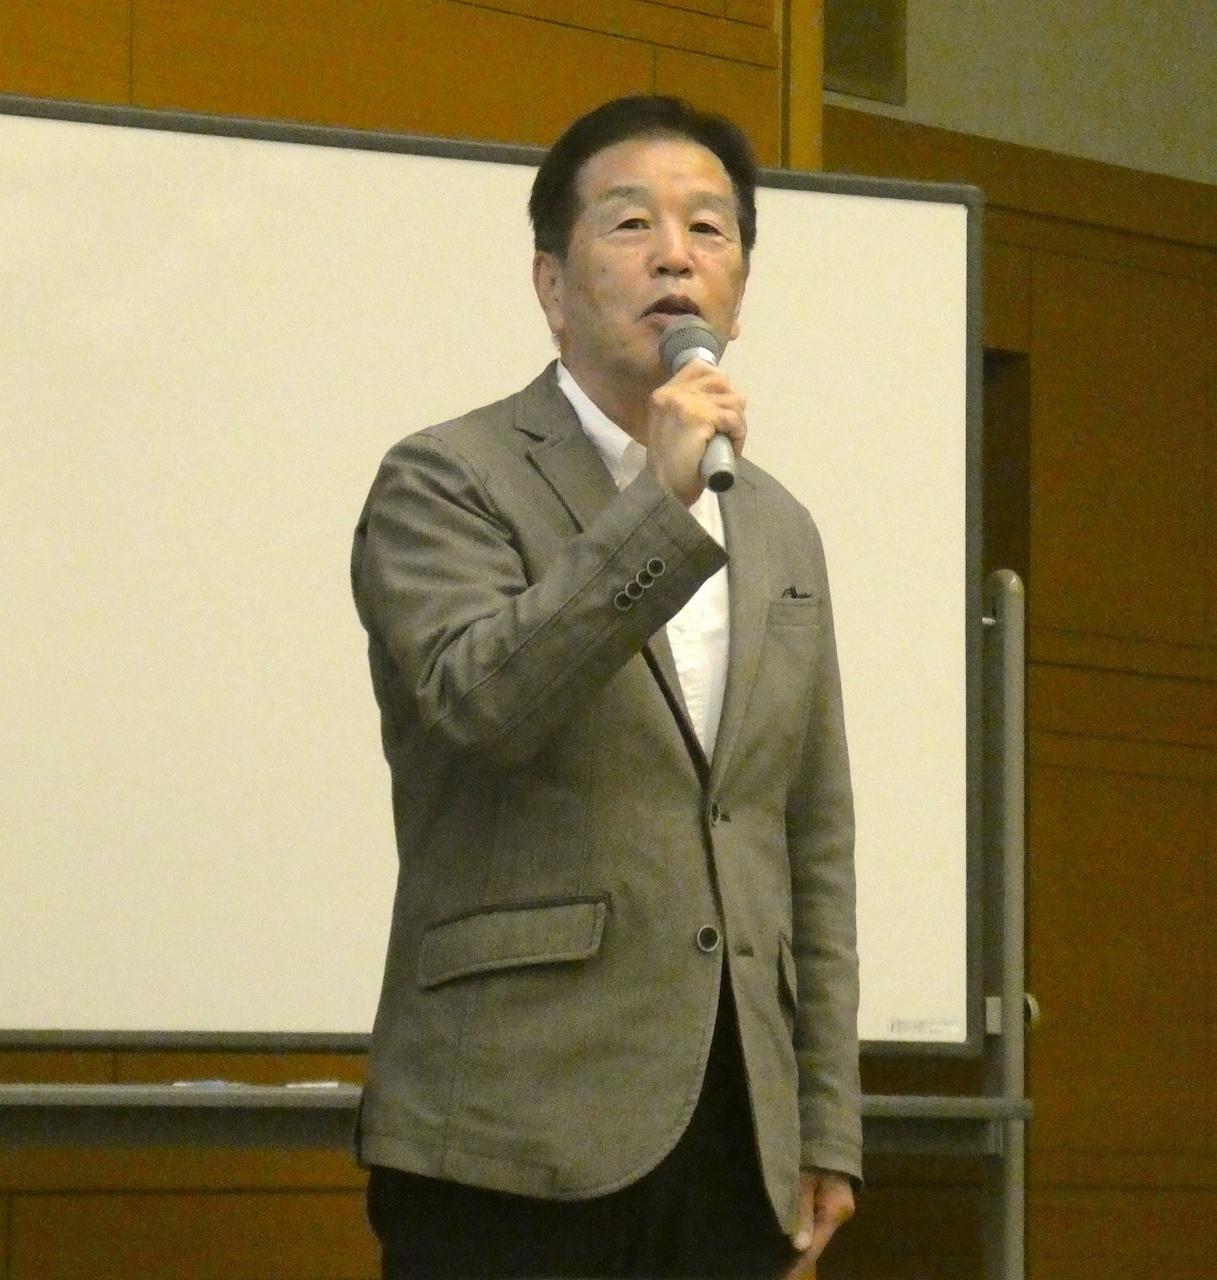 匠輝雄氏(京都社会福祉会 司法と福祉委員会・委員長)